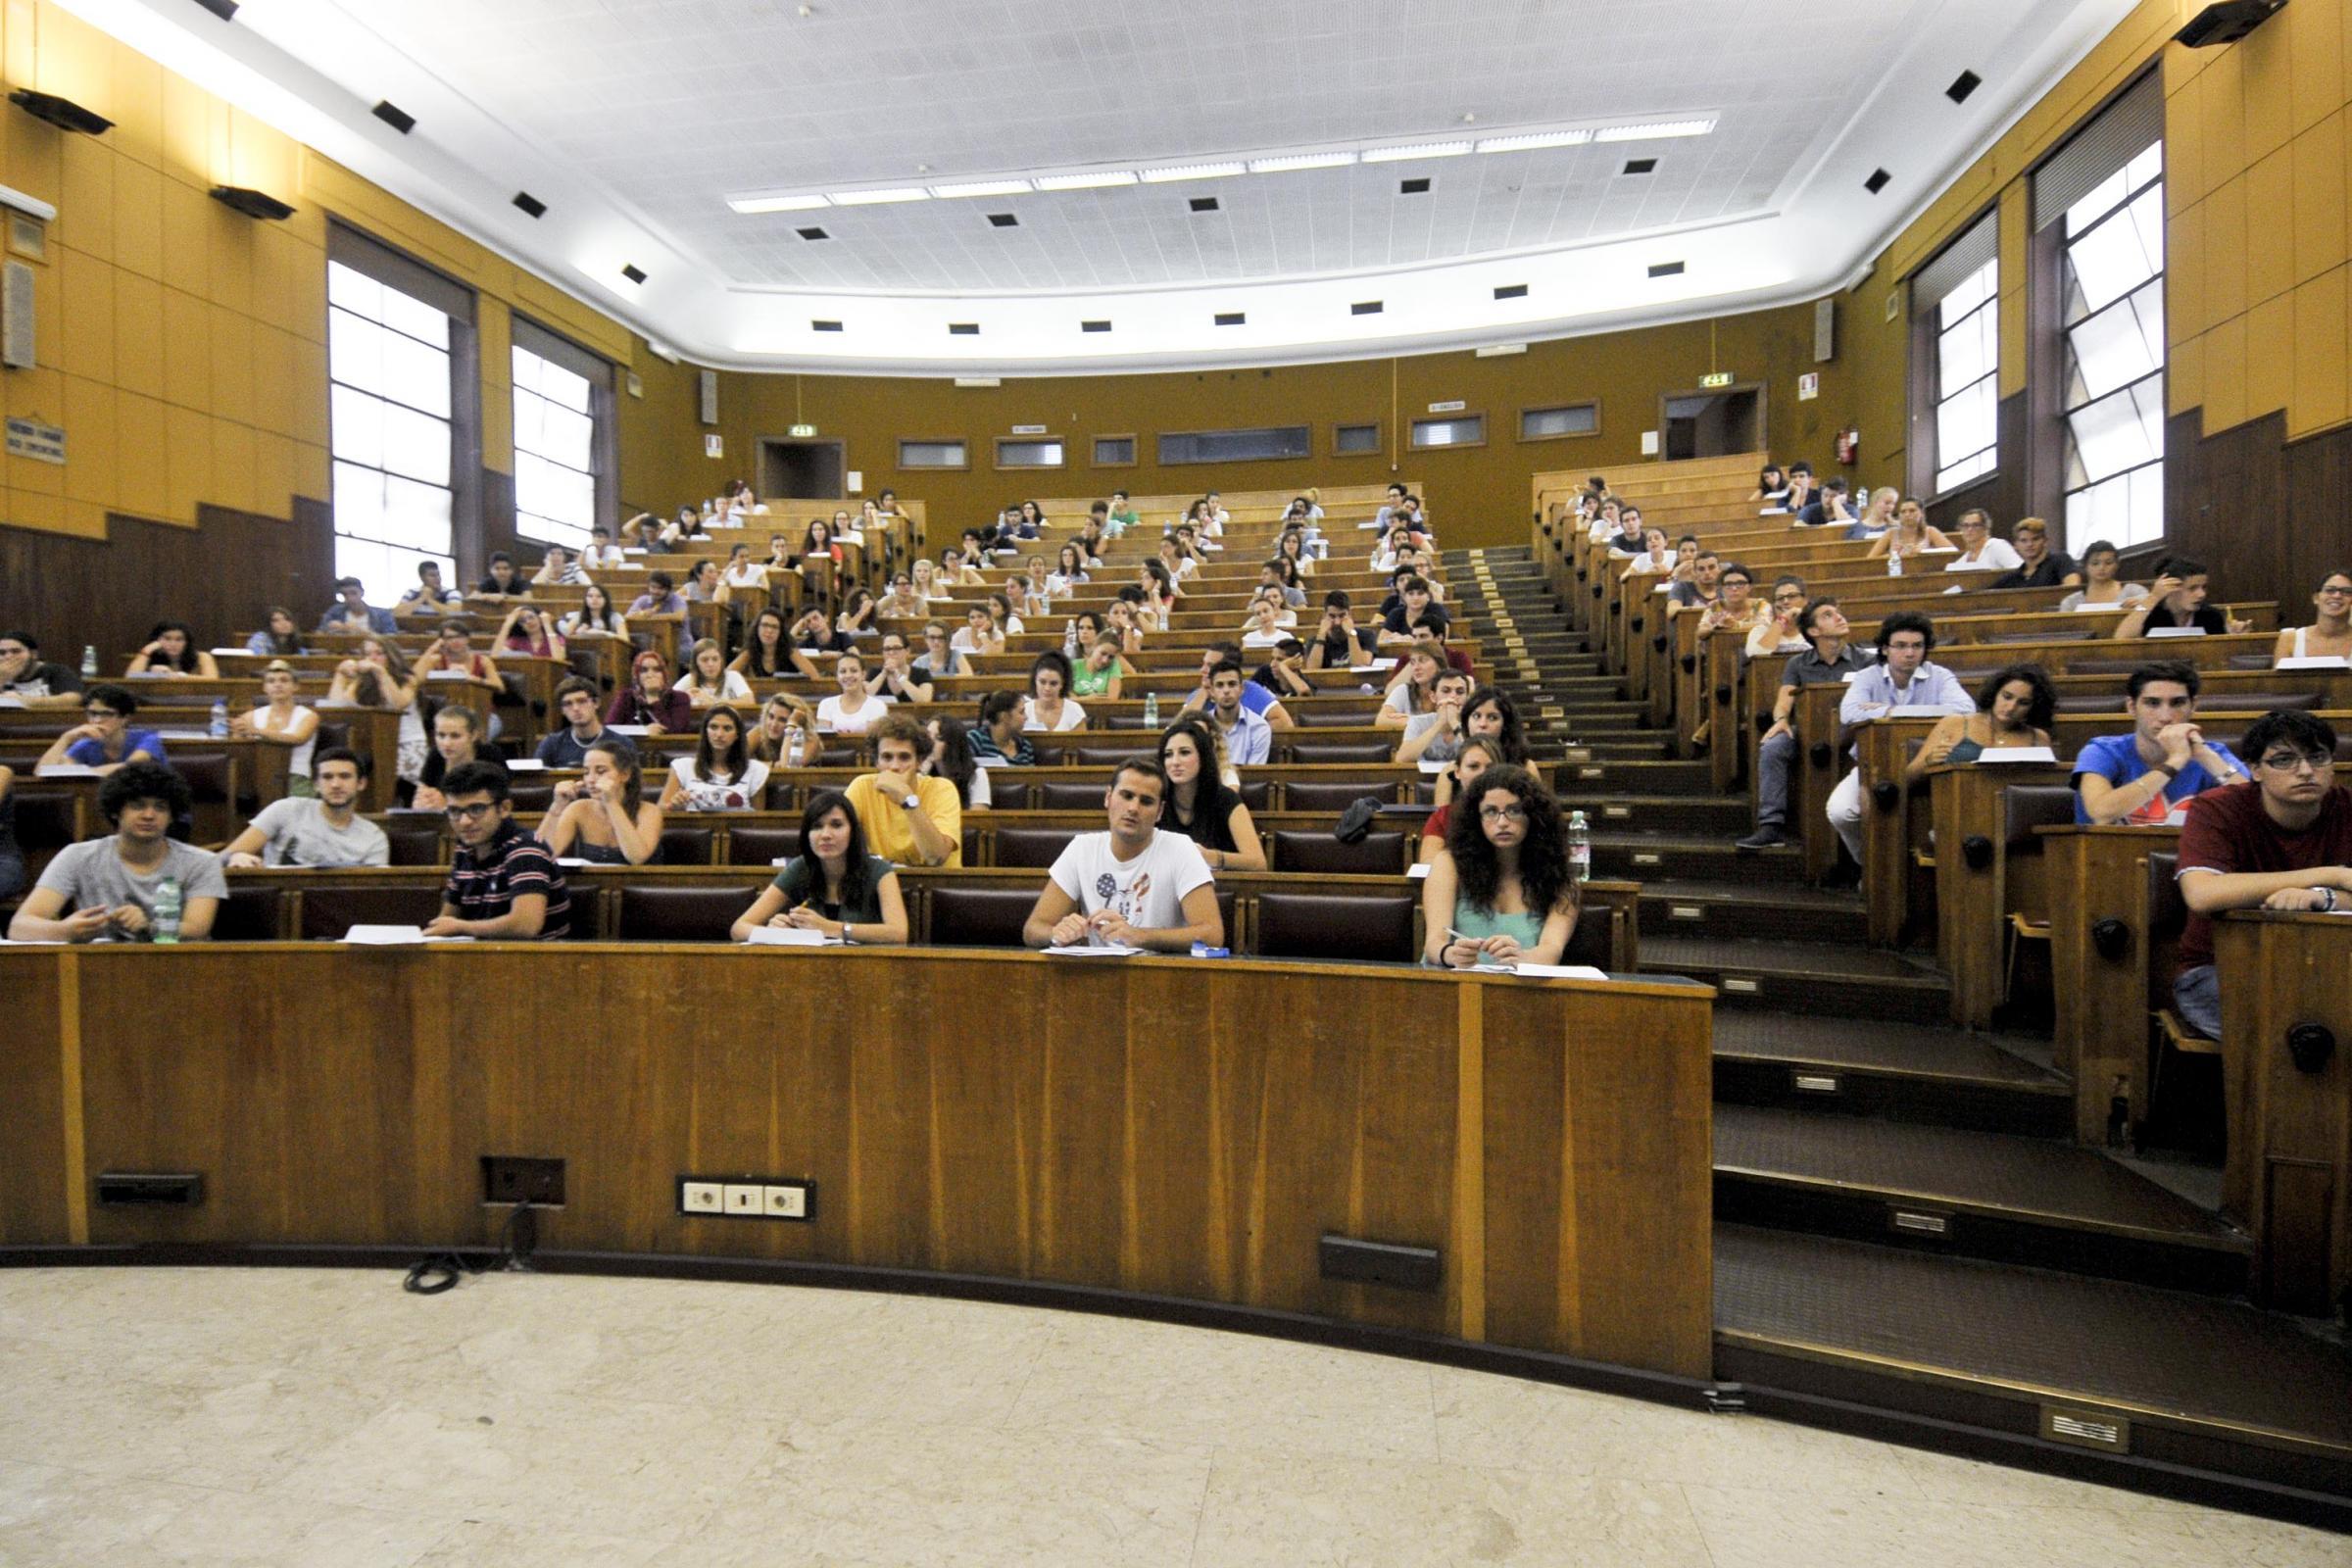 Università: le facoltà scientifiche preferite alle discipline sociali e umanistiche